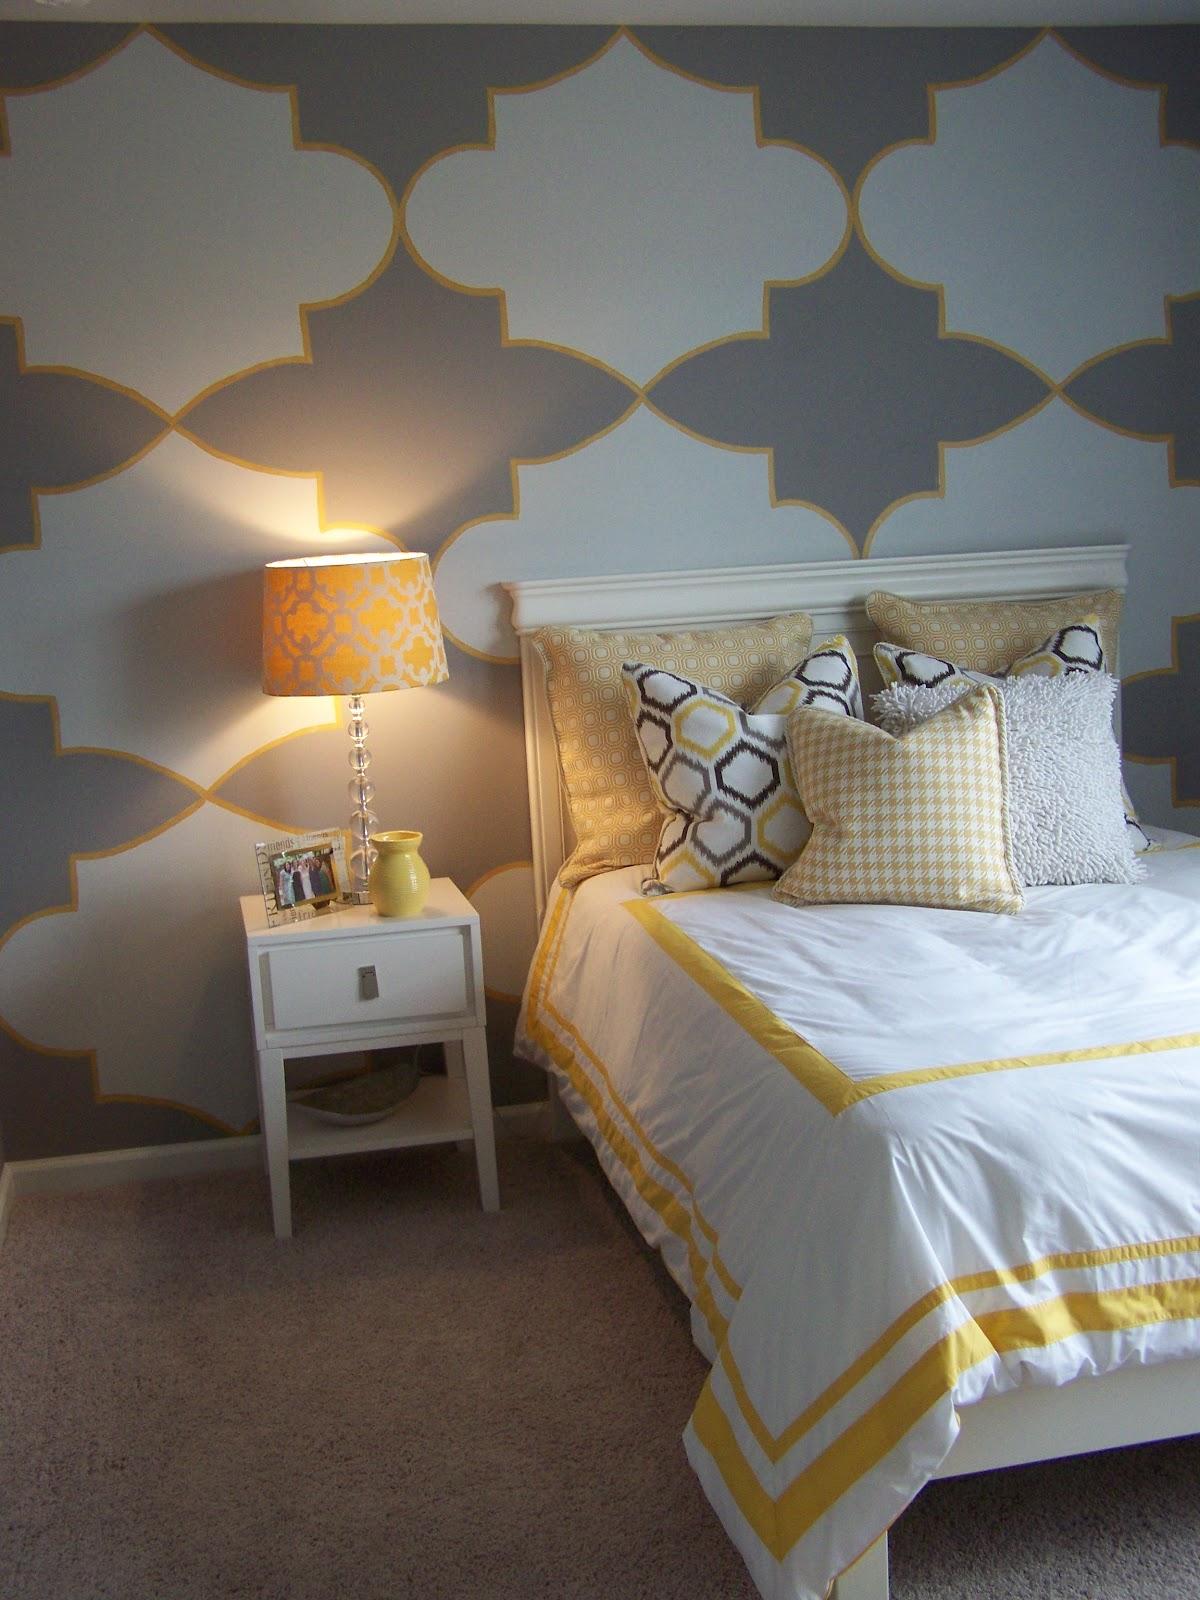 Gray And Yellow Teen/Tween Room